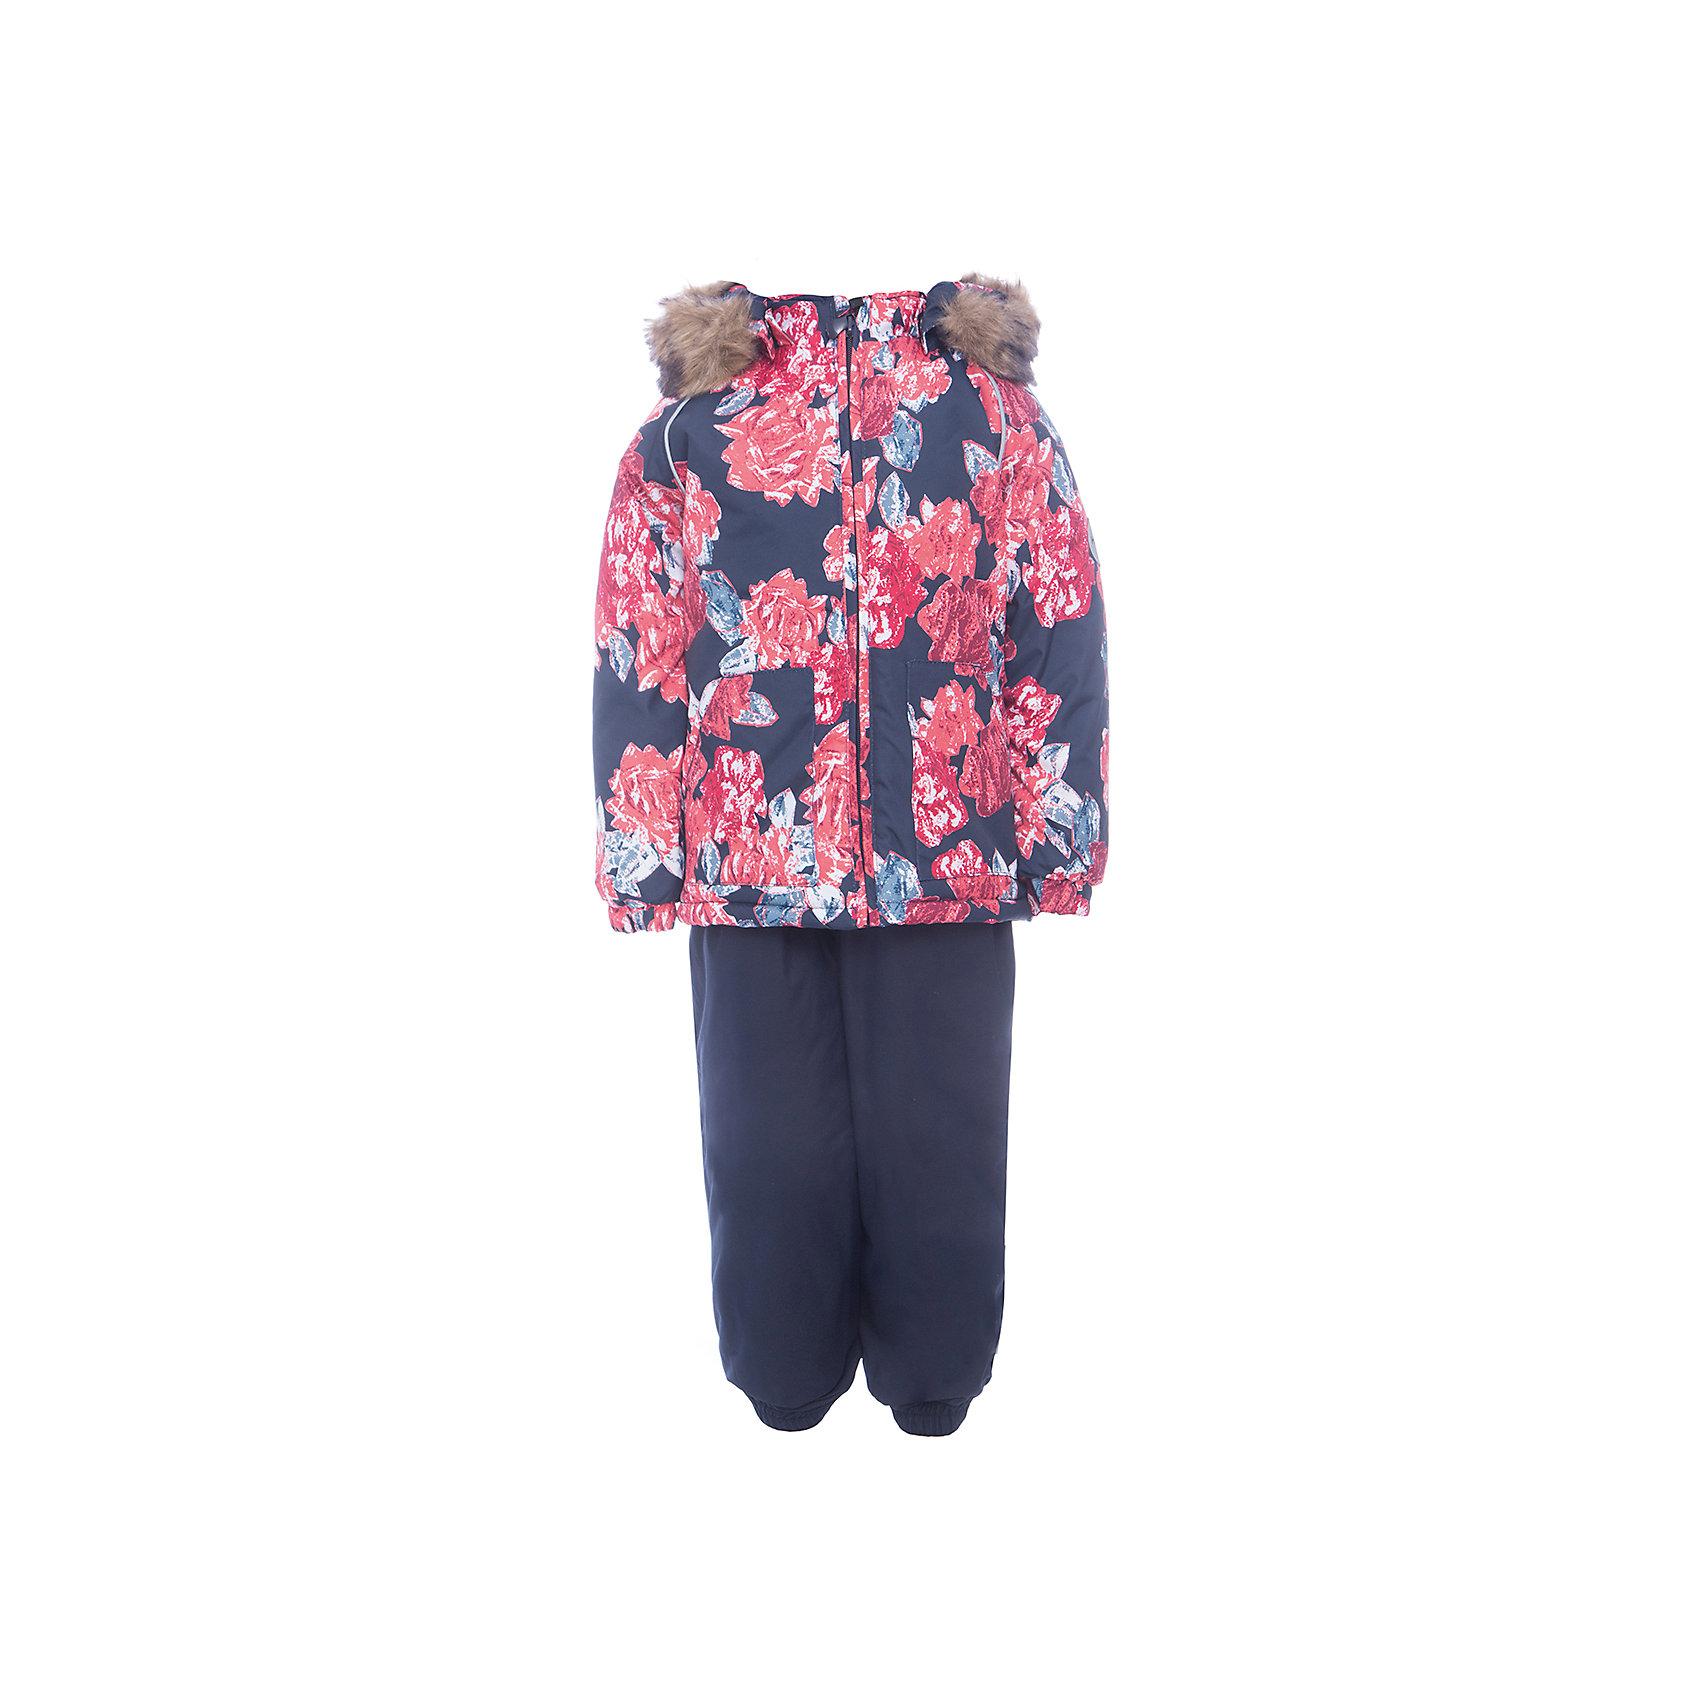 Комплект: куртка и брюки AVERY HuppaКомплекты<br>Характеристика товара:<br><br>• цвет: синий<br>• температурный режим: от -0 до-30;<br>• утеплитель: куртка:300 грамм, брюки:160 грамм(100% полиэстер);<br>• подкладка: 100% хлопок;<br>• воздухопроницаемость: 5 000 мм куртка / 10 000 мм брюки;<br>• водонепроницаемость:  5 000 мм куртка / 10 000 мм брюки;<br>• застежка: молния;<br>• меховая опушка из искуственного меха;<br>• шаговый шов – проклеен;<br>• капюшон съемный;<br>• подтяжки на полукомбинезоне – резинки;<br>• светоотражающие детали;<br>• производитель: HUPPA (Эстония)<br><br>Красивый зимний комплект AVERY для детей младшего возраста. Легкая, но очень теплая куртка из мягкой мембранной ткани не содержит лишних деталей. В модели 300 грамм утеплителя, а значит, вы можете быть уверены, что ваш малыш не замерзнет на прогулке в морозную погоду, даже если будет двигаться не слишком активно. Комплект для малышей AVERY благодаря простым манжетам на резинке и удобной молнии легко надевать и застегивать. Капюшон с меховой опушкой сделан в форме забавного колпачка и при желании отстегивается. <br><br>Практичный однотонный полукомбинезон темного цвета выполнен из более прочной мембраны и скроен без внутренних швов, для лучшей защиты от истирания и попадания влаги. Задний шов проклеен, также для дополнительной защиты от влаги. Манжеты по низу брюк и тканевые штрипки на ботинки надежно фиксируют брюки и защищают от попадания снега. На костюмах AVERY светоотражающие элементы делают вашего ребенка более заметным на улице, даже в условиях плохой видимости и в темное время суток.<br><br>Комплект для малышей AVERY можно купить в нашем интернет-магазине.<br><br>Ширина мм: 356<br>Глубина мм: 10<br>Высота мм: 245<br>Вес г: 519<br>Цвет: синий<br>Возраст от месяцев: 12<br>Возраст до месяцев: 15<br>Пол: Унисекс<br>Возраст: Детский<br>Размер: 80,104,98,92,86<br>SKU: 7026970